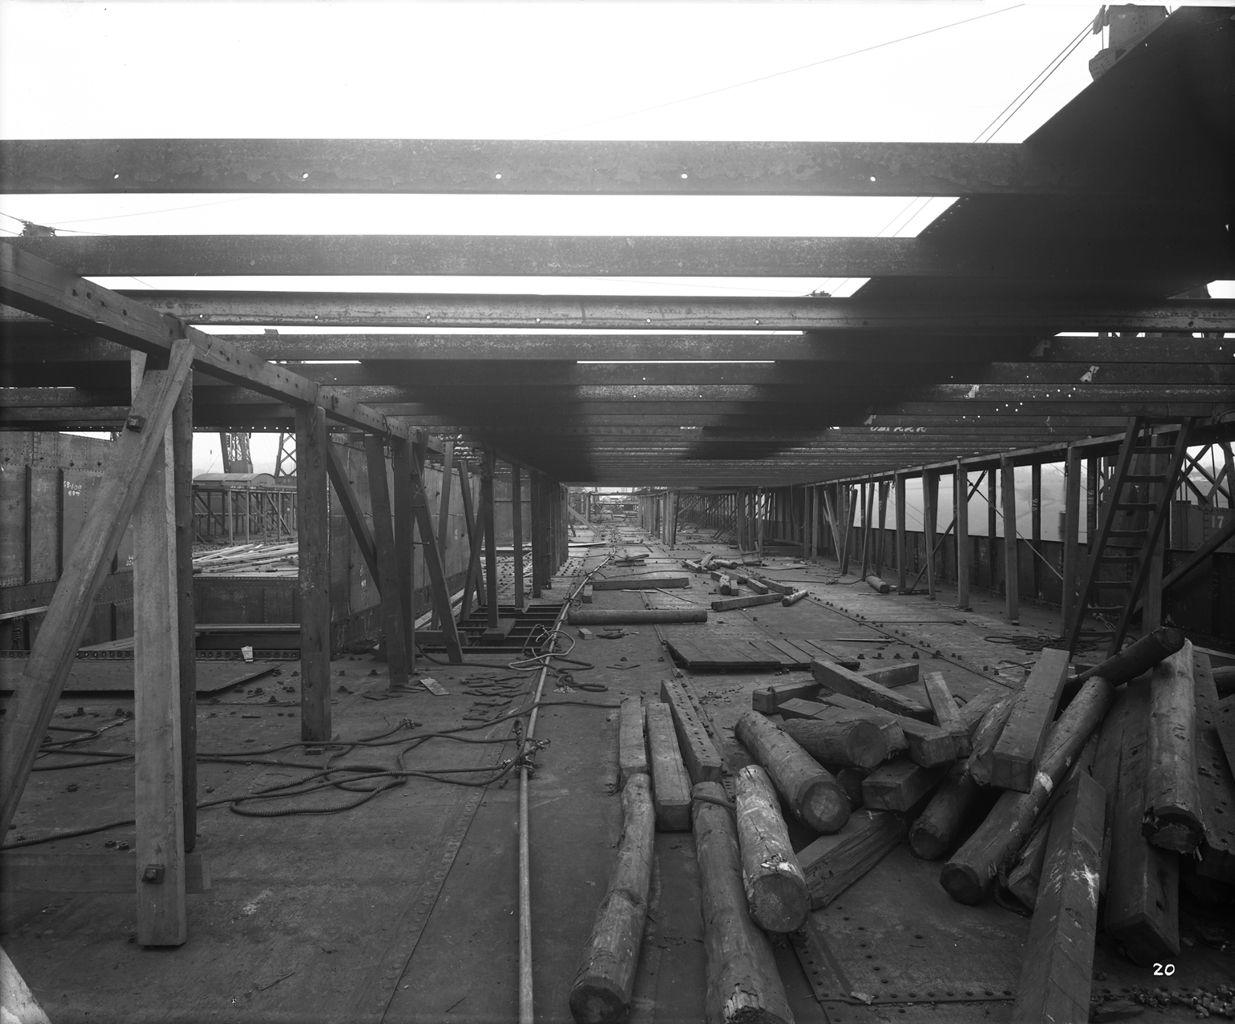 Promenade Deck of the 'Aquitania' (1914) during